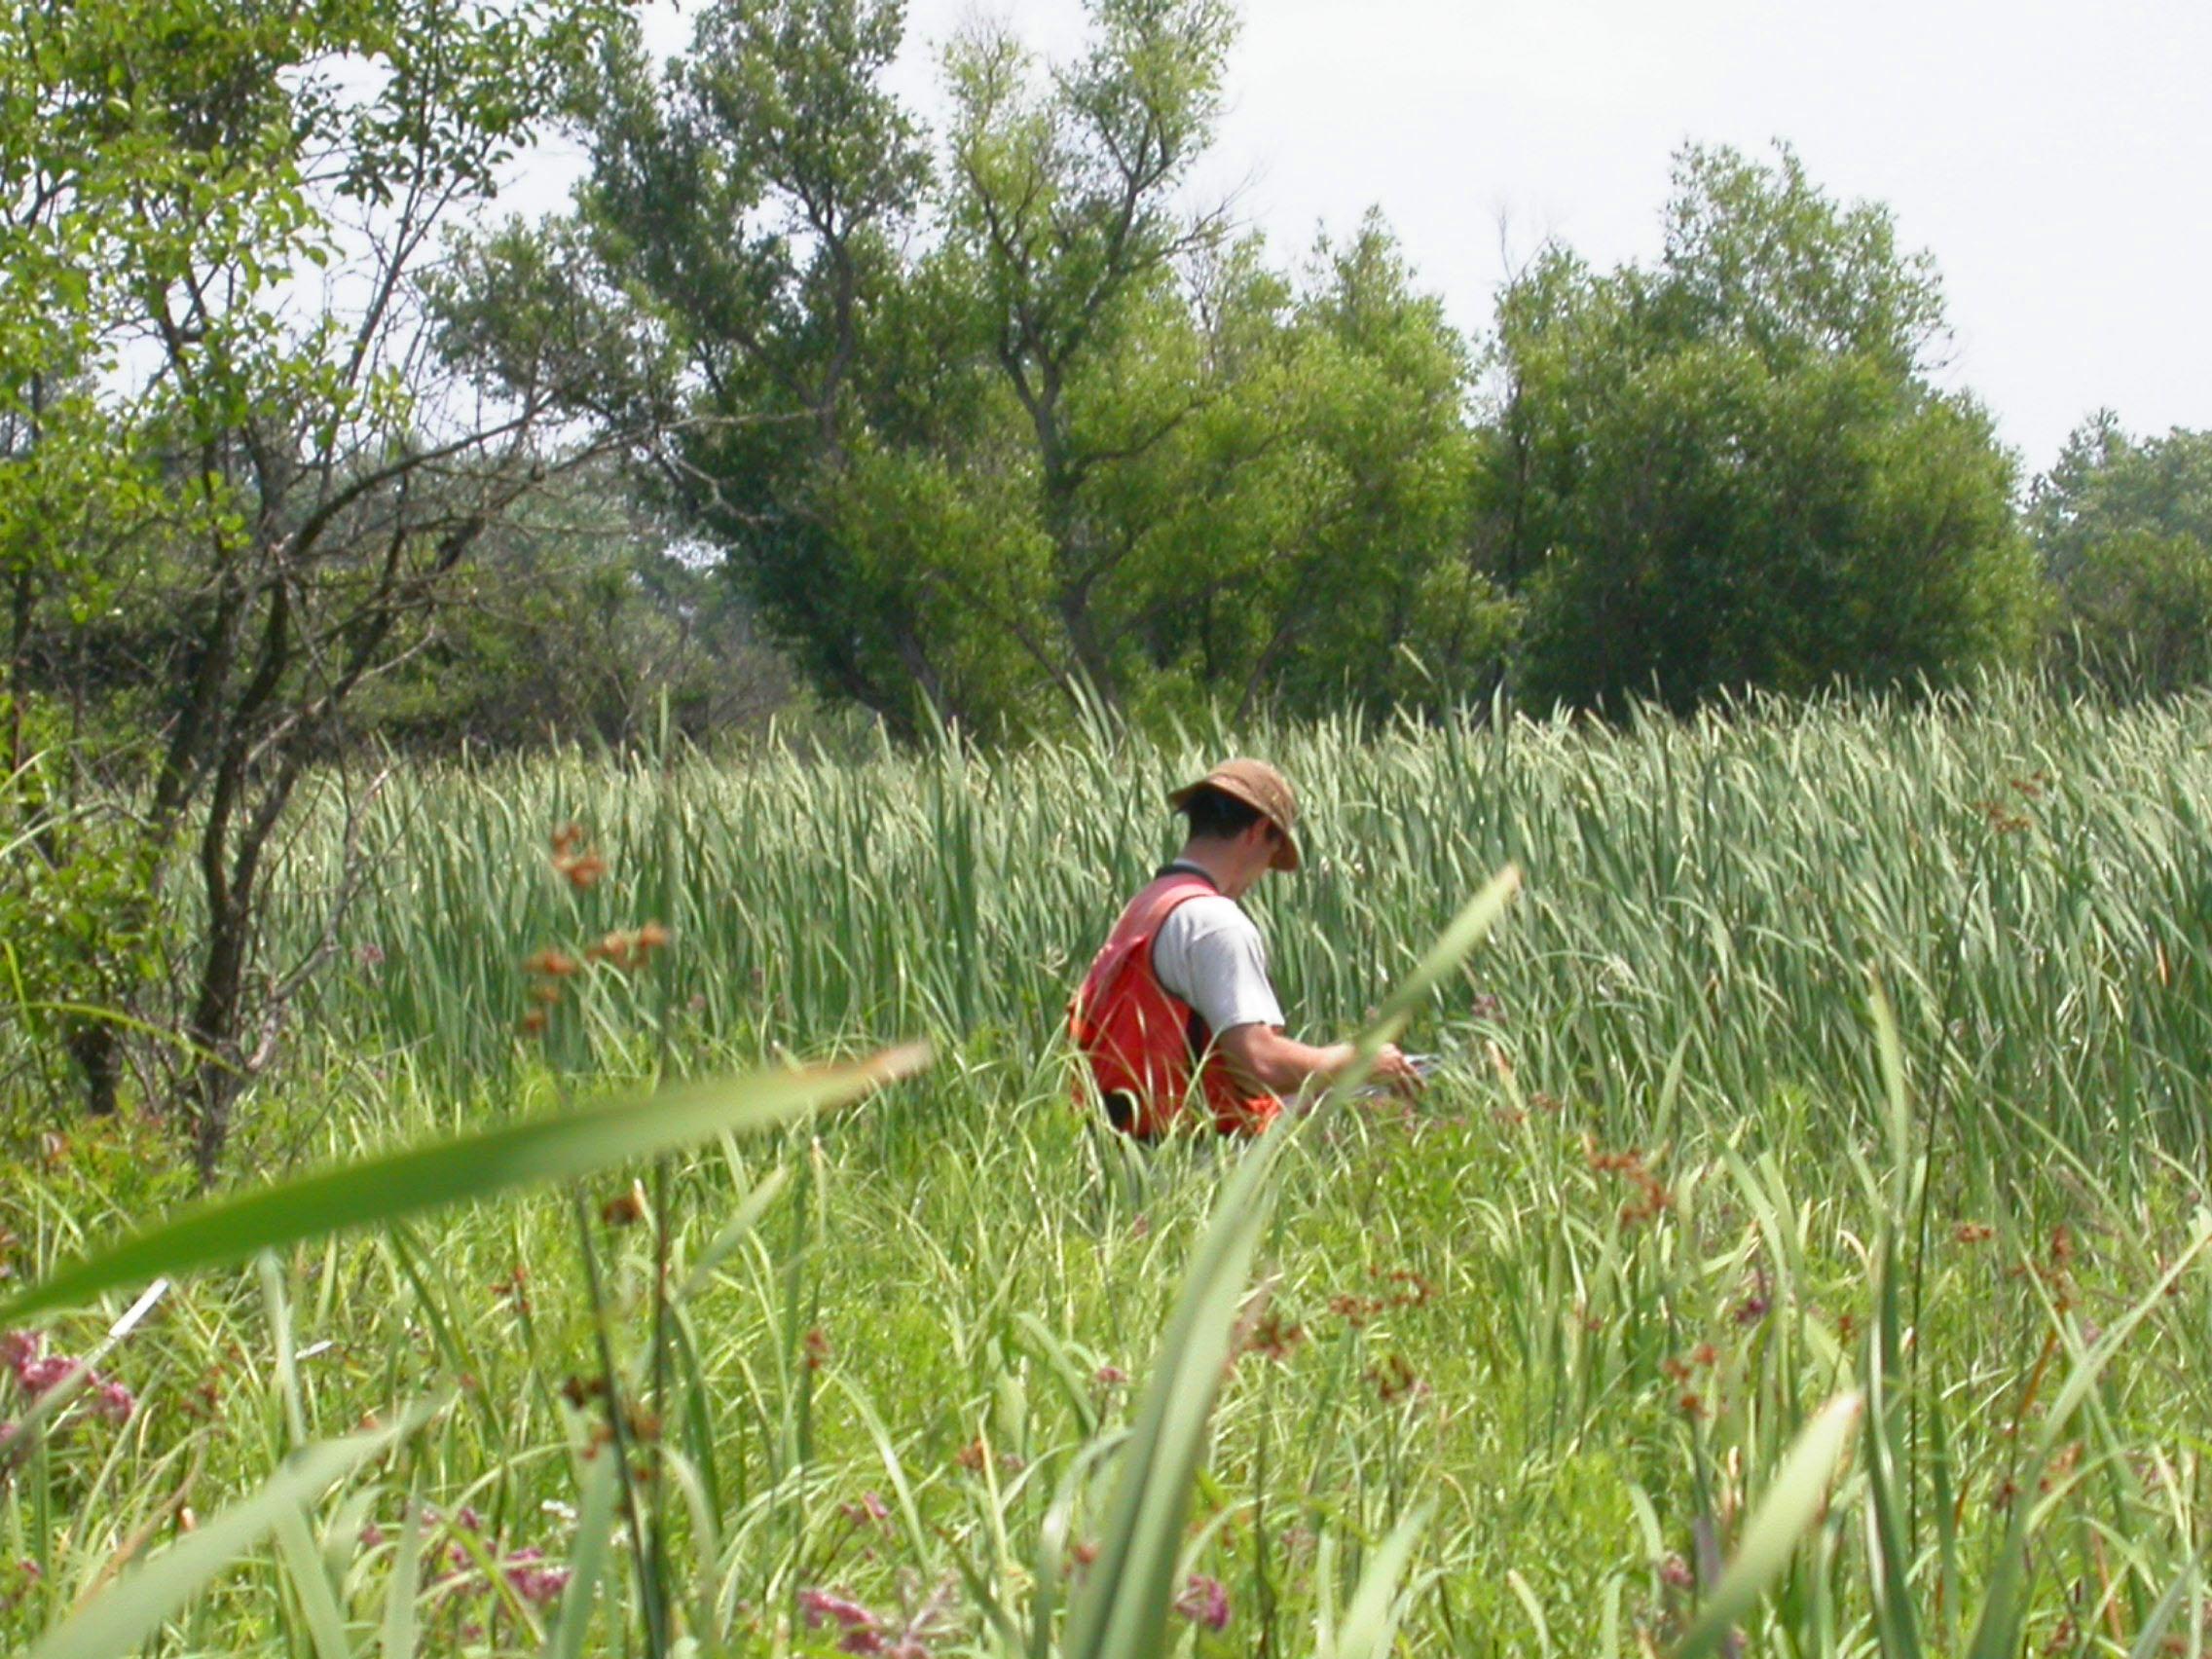 Spyreas working in marsh